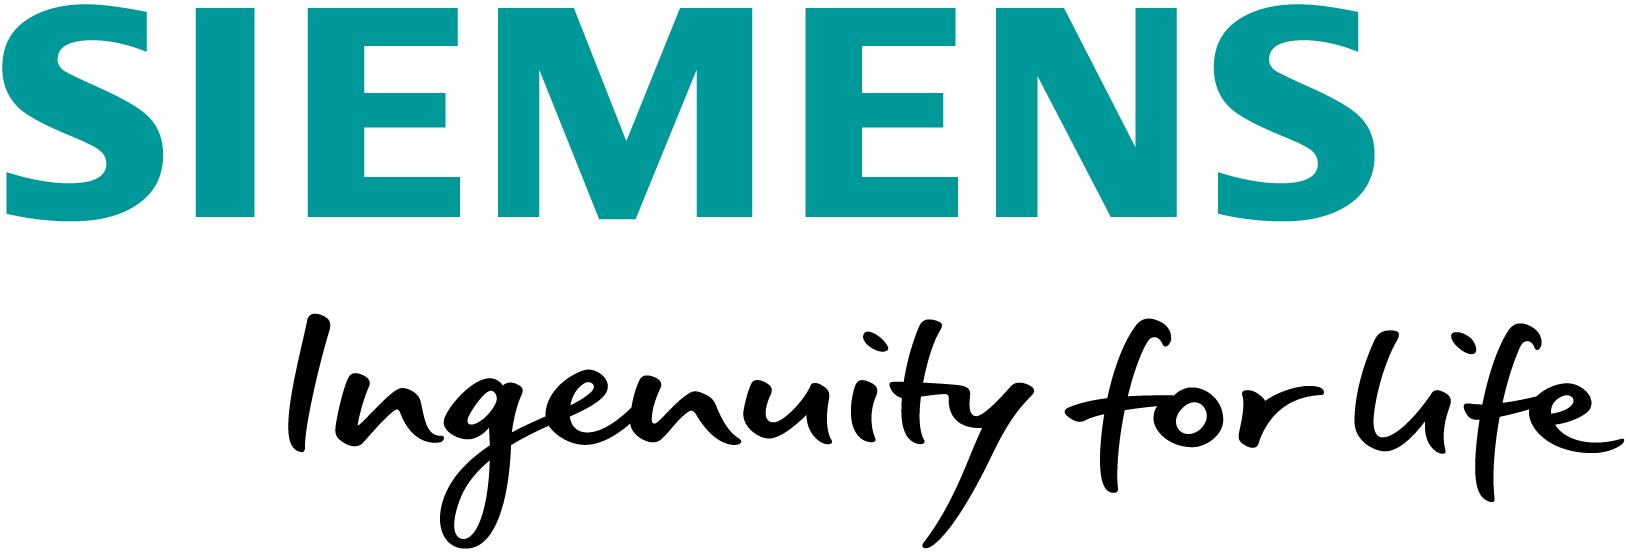 siemens - Siemens PNG